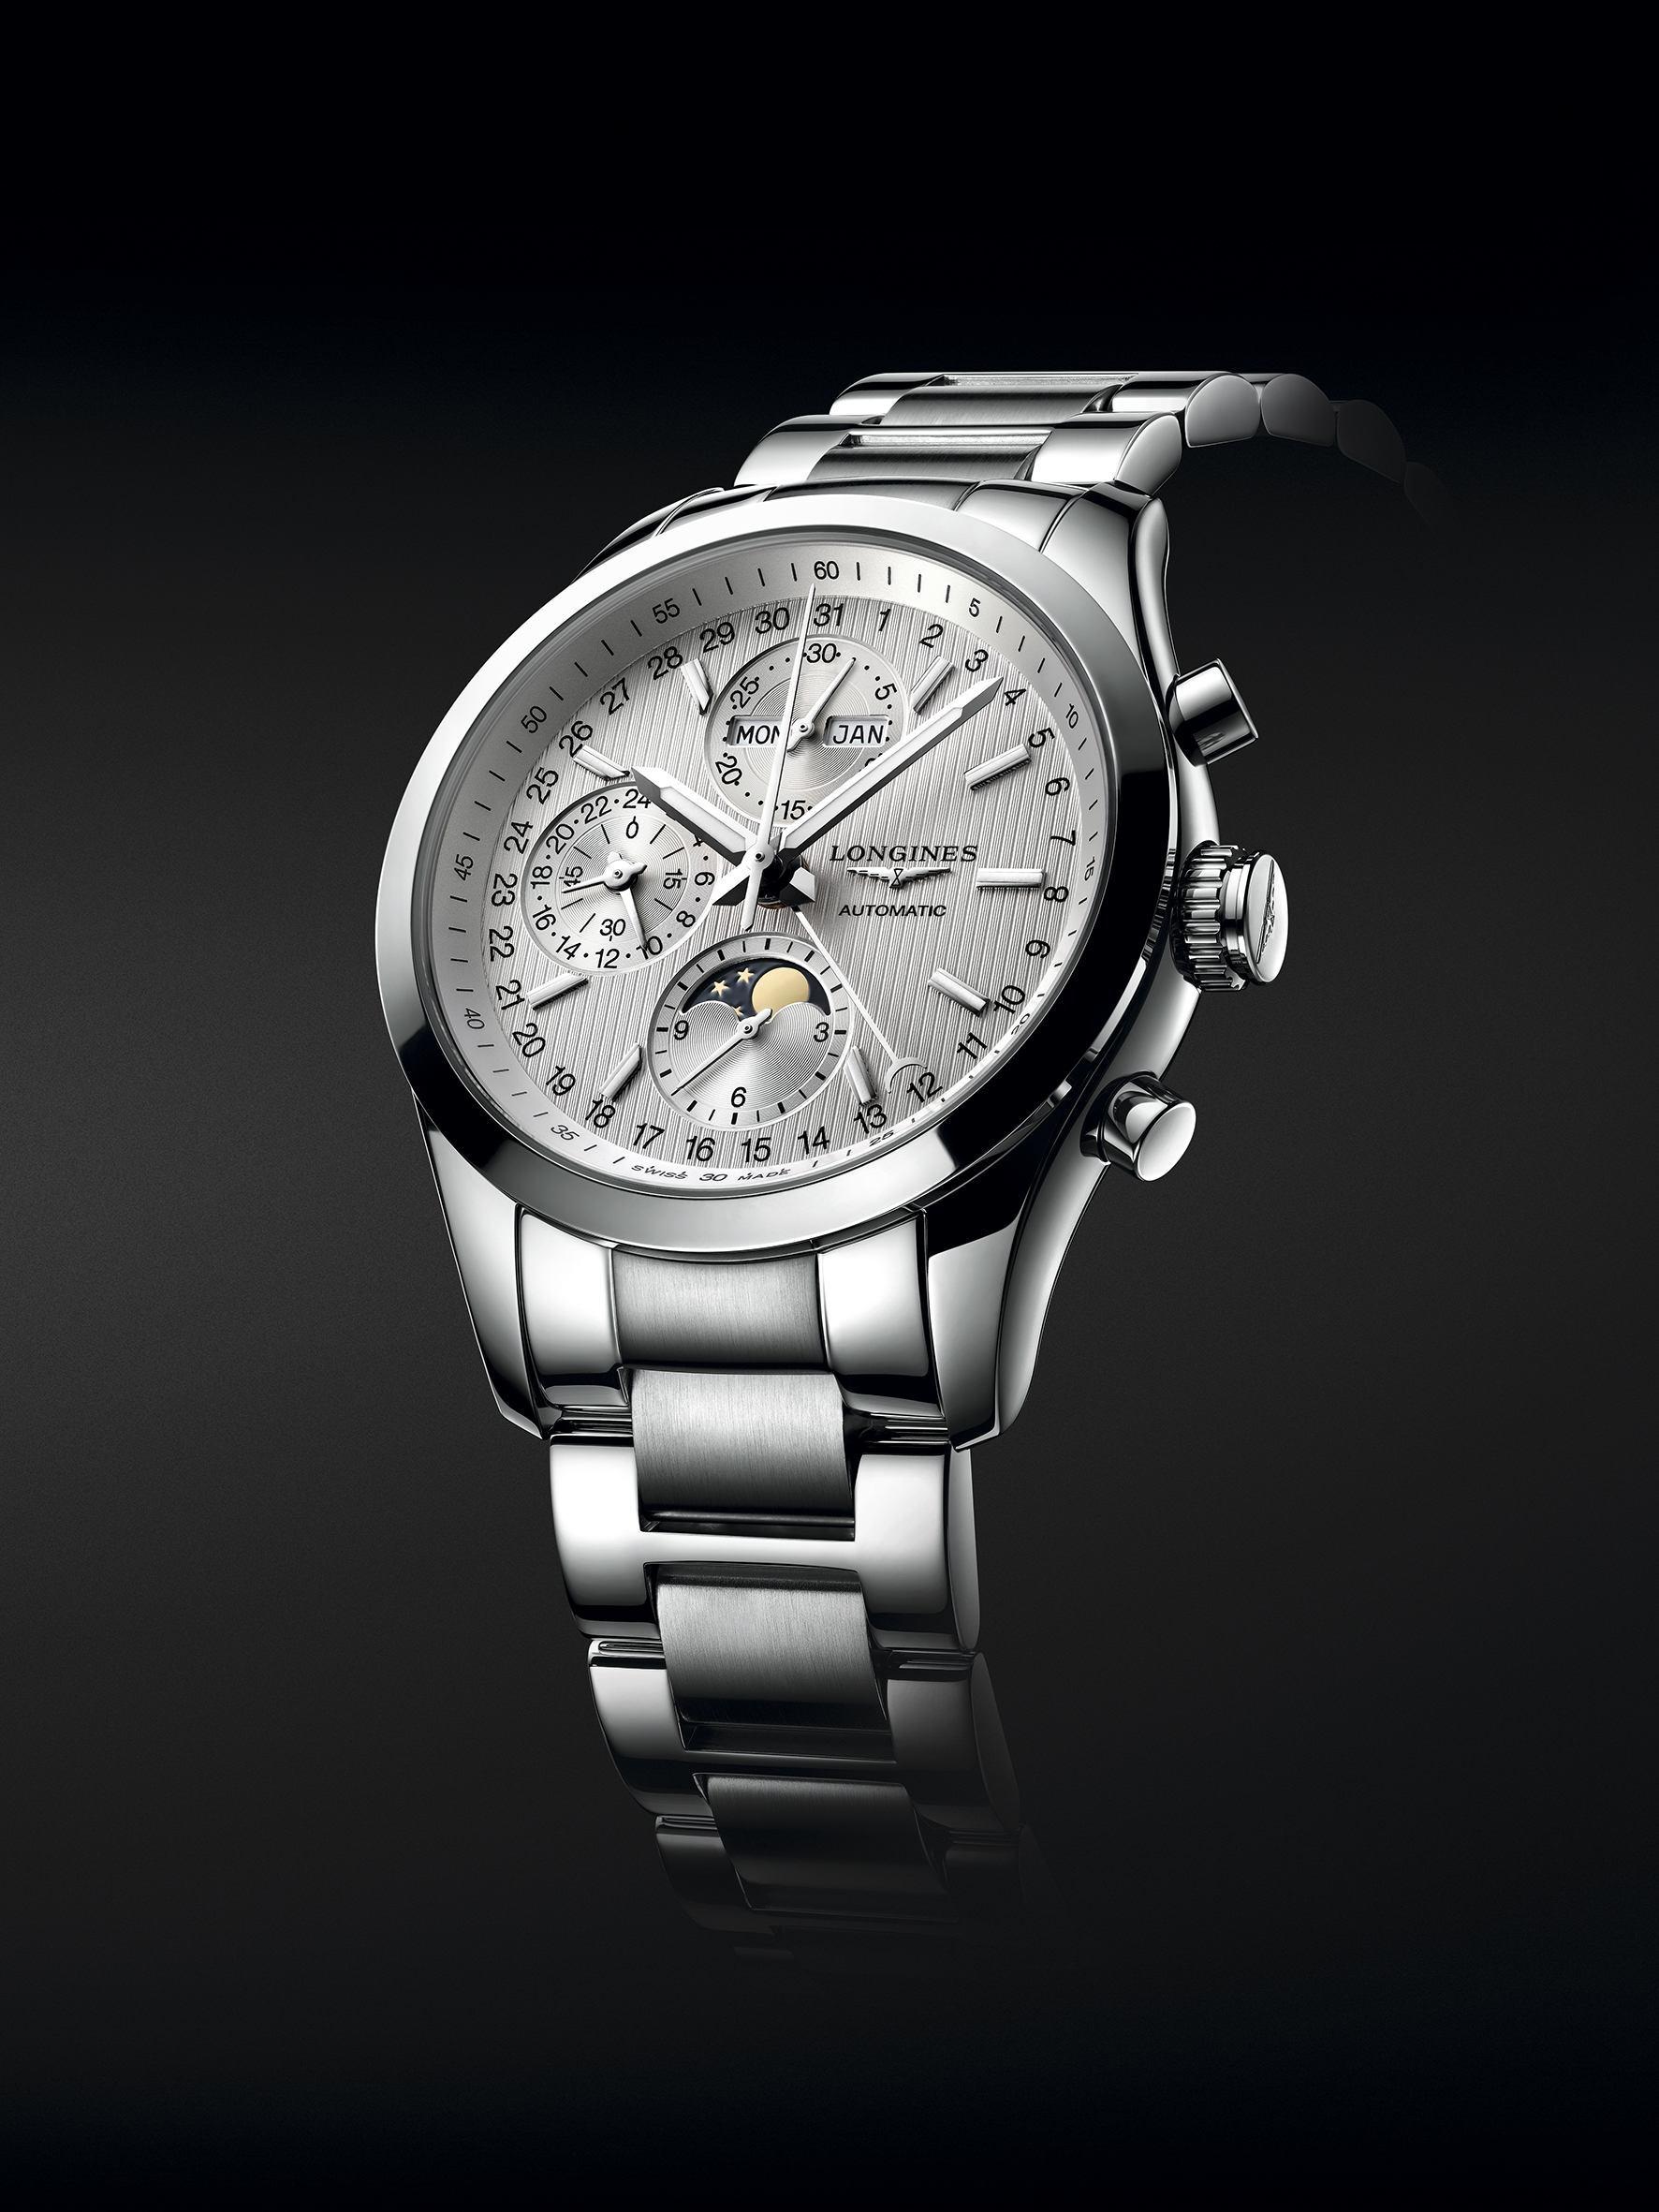 Longines presenta un nuevo modelo de su colección Conquest Classic, en versión Moonphase